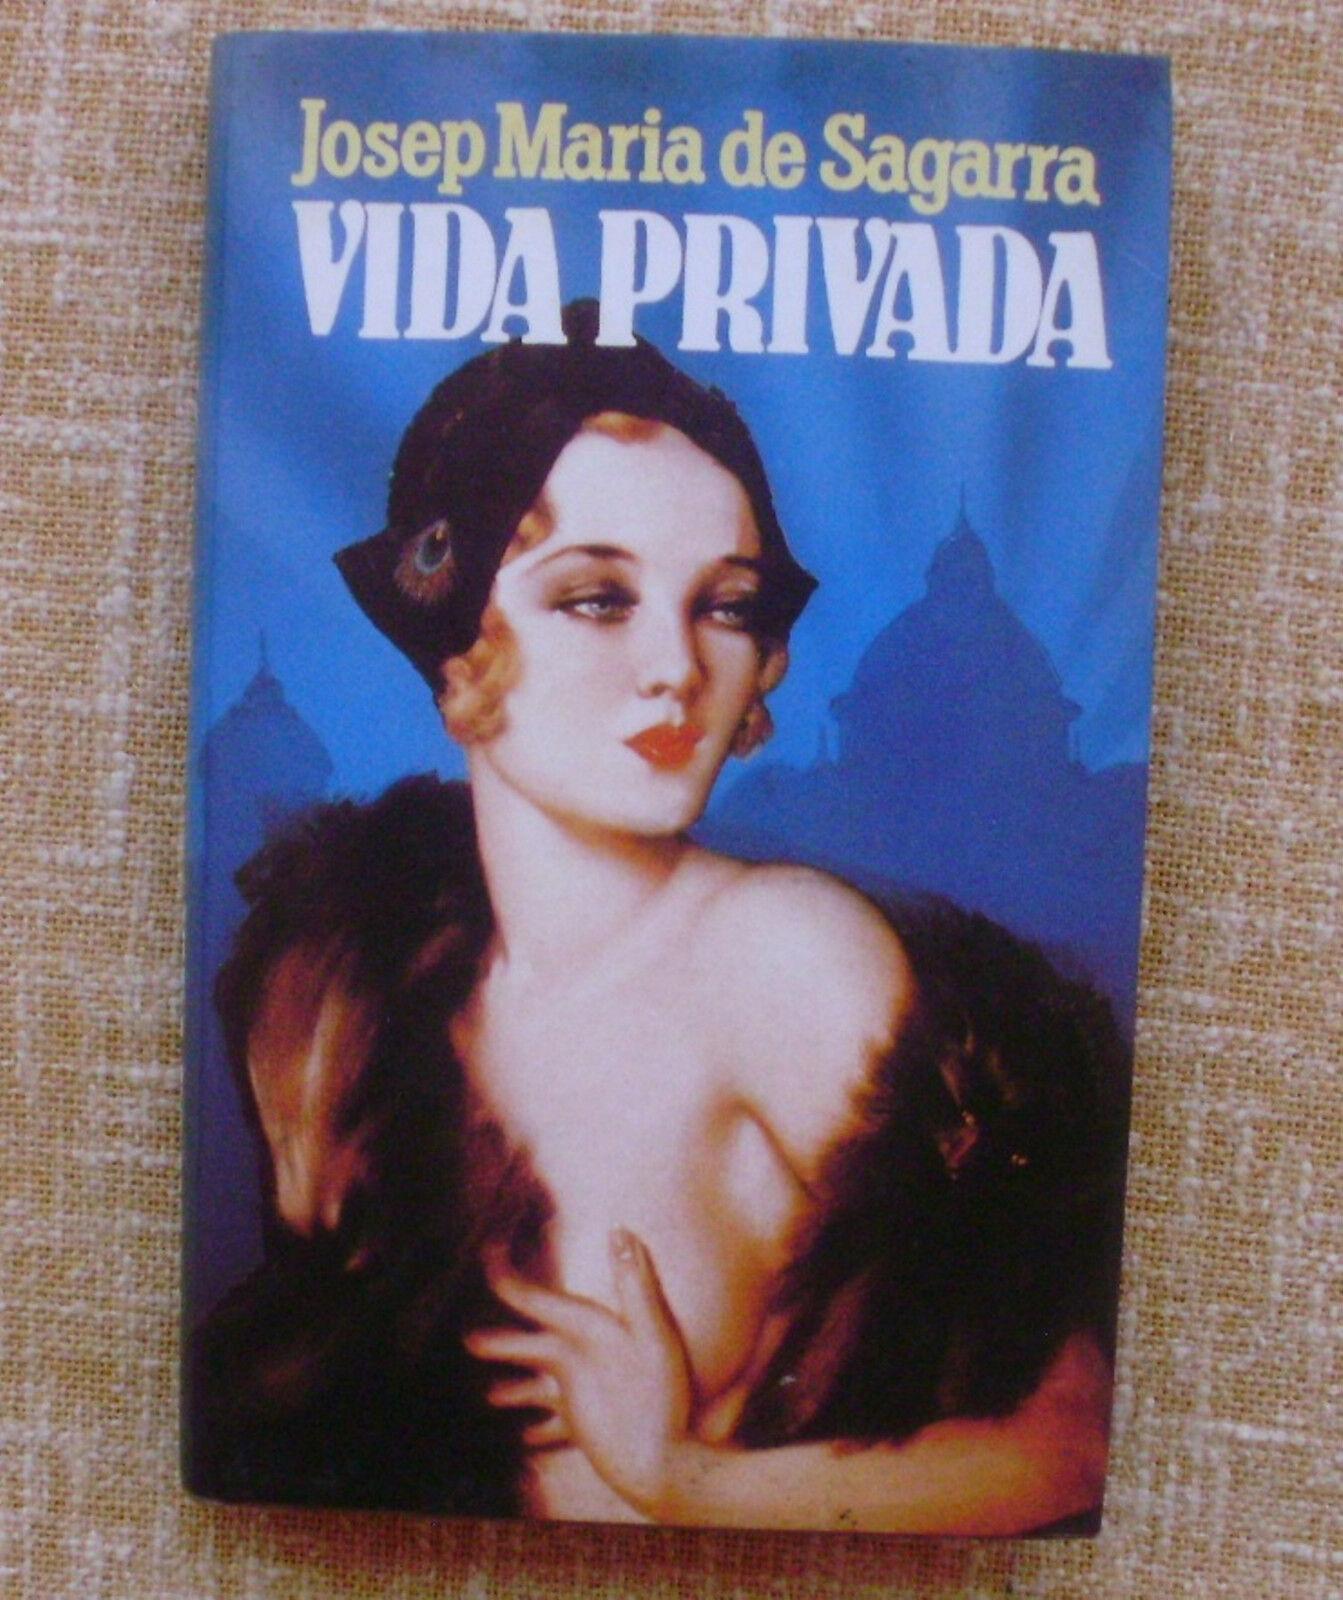 Vida privada/ Josep María de Sagarra/ Mundo Actual Ediciones/ 2ª edición/ 1986